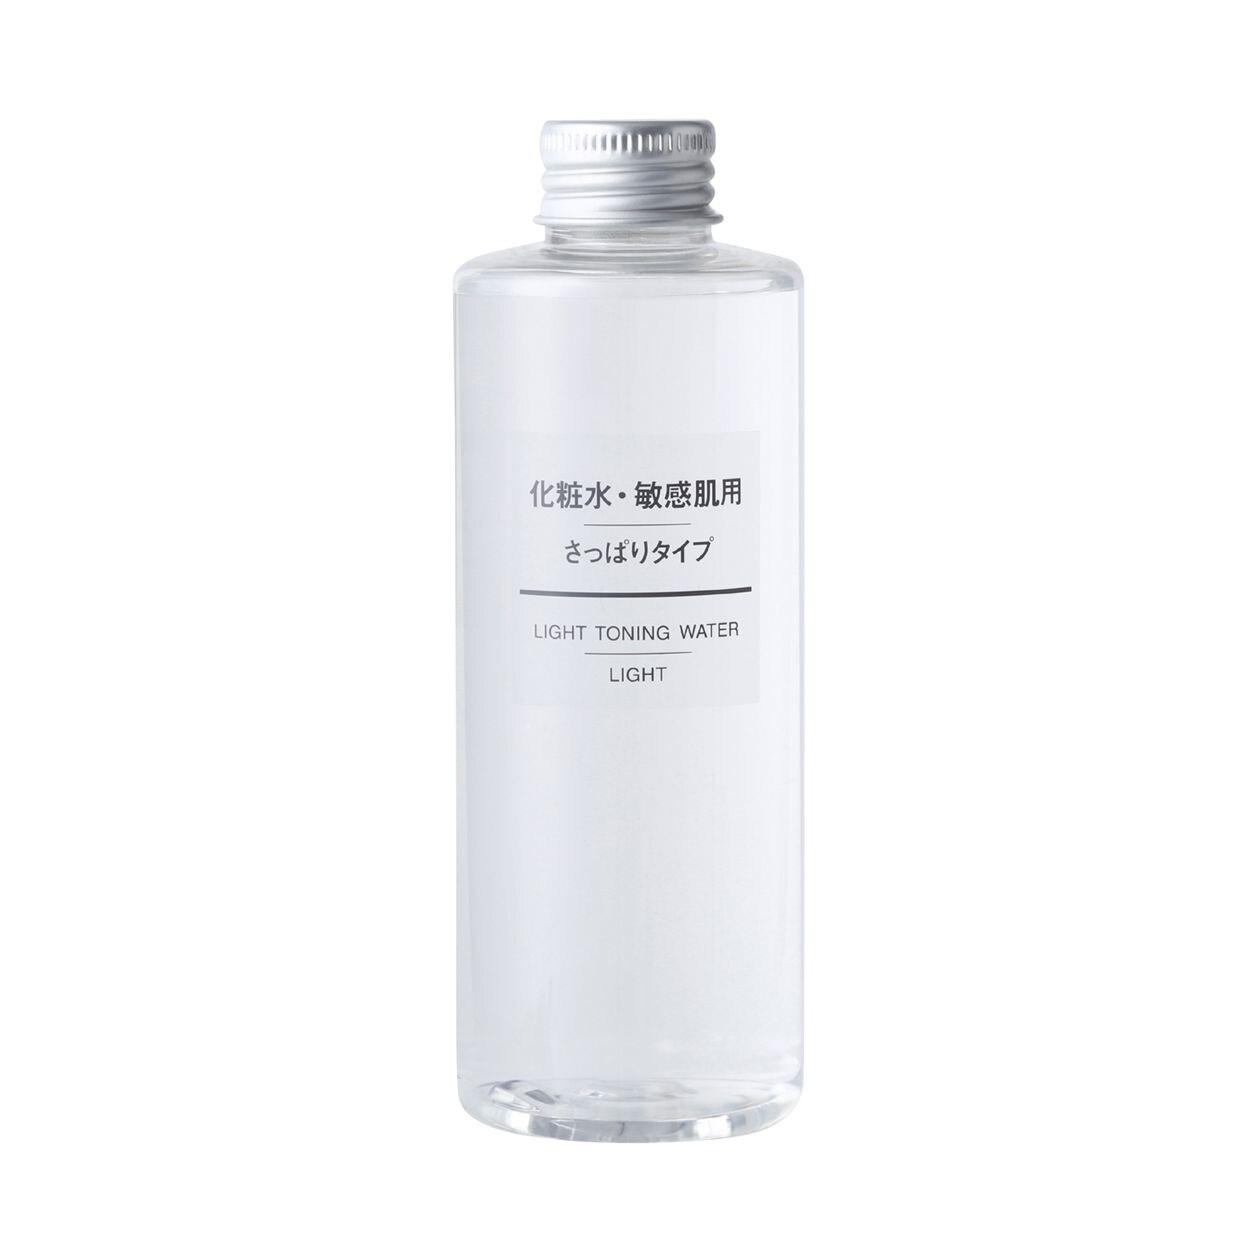 MUJI敏感肌化妝水(清爽型) 200ml | 無印良品